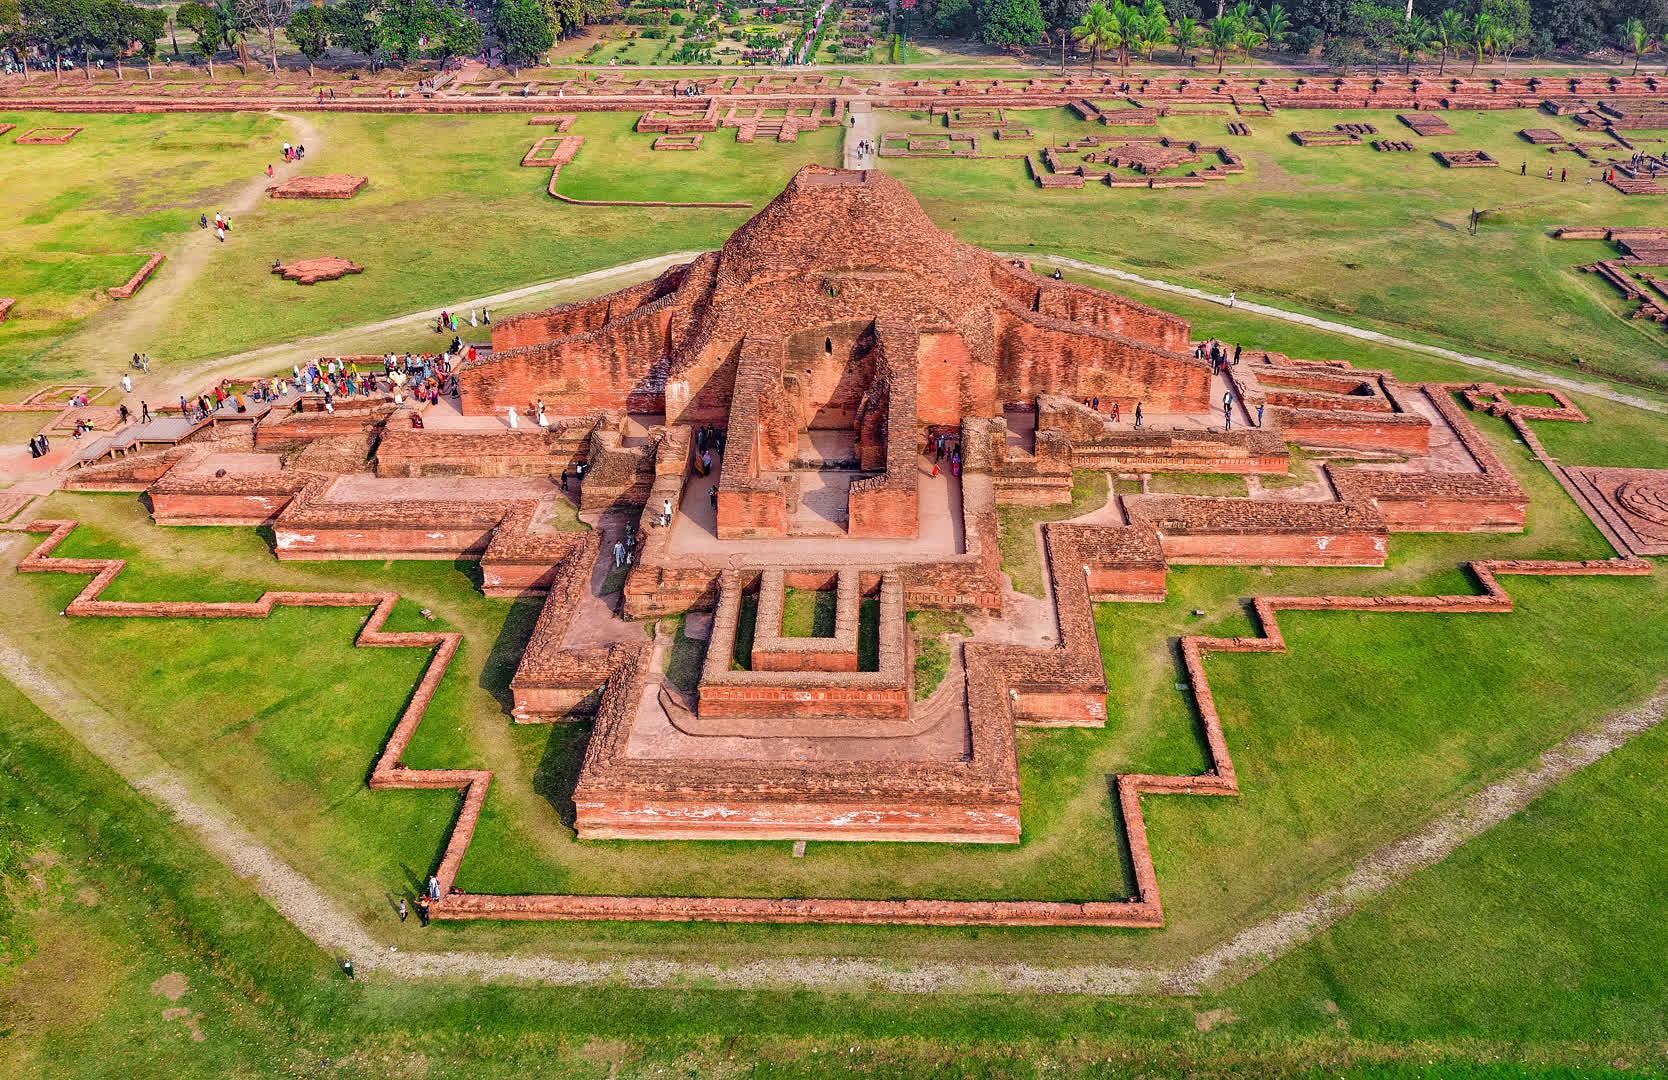 सोमपुर महाविहार: बांग्लादेश में प्राचीन भारत का सबसे बड़ा बौद्ध मठ